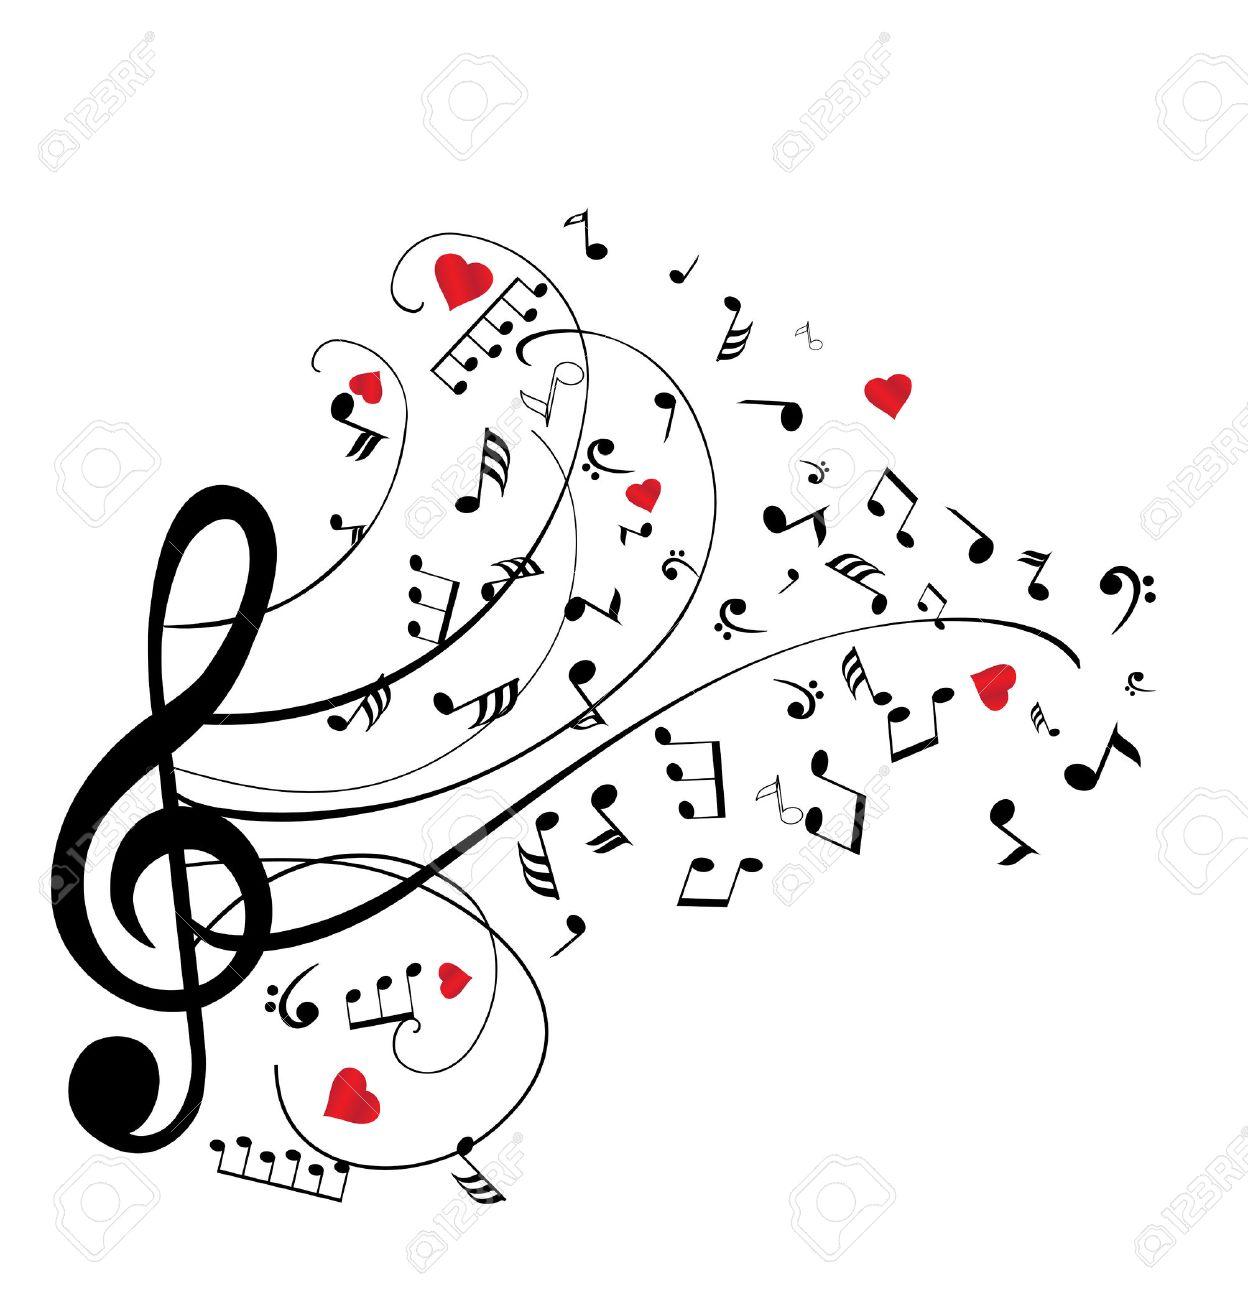 Ilustración De Notas Musicales Con Corazones Ilustraciones